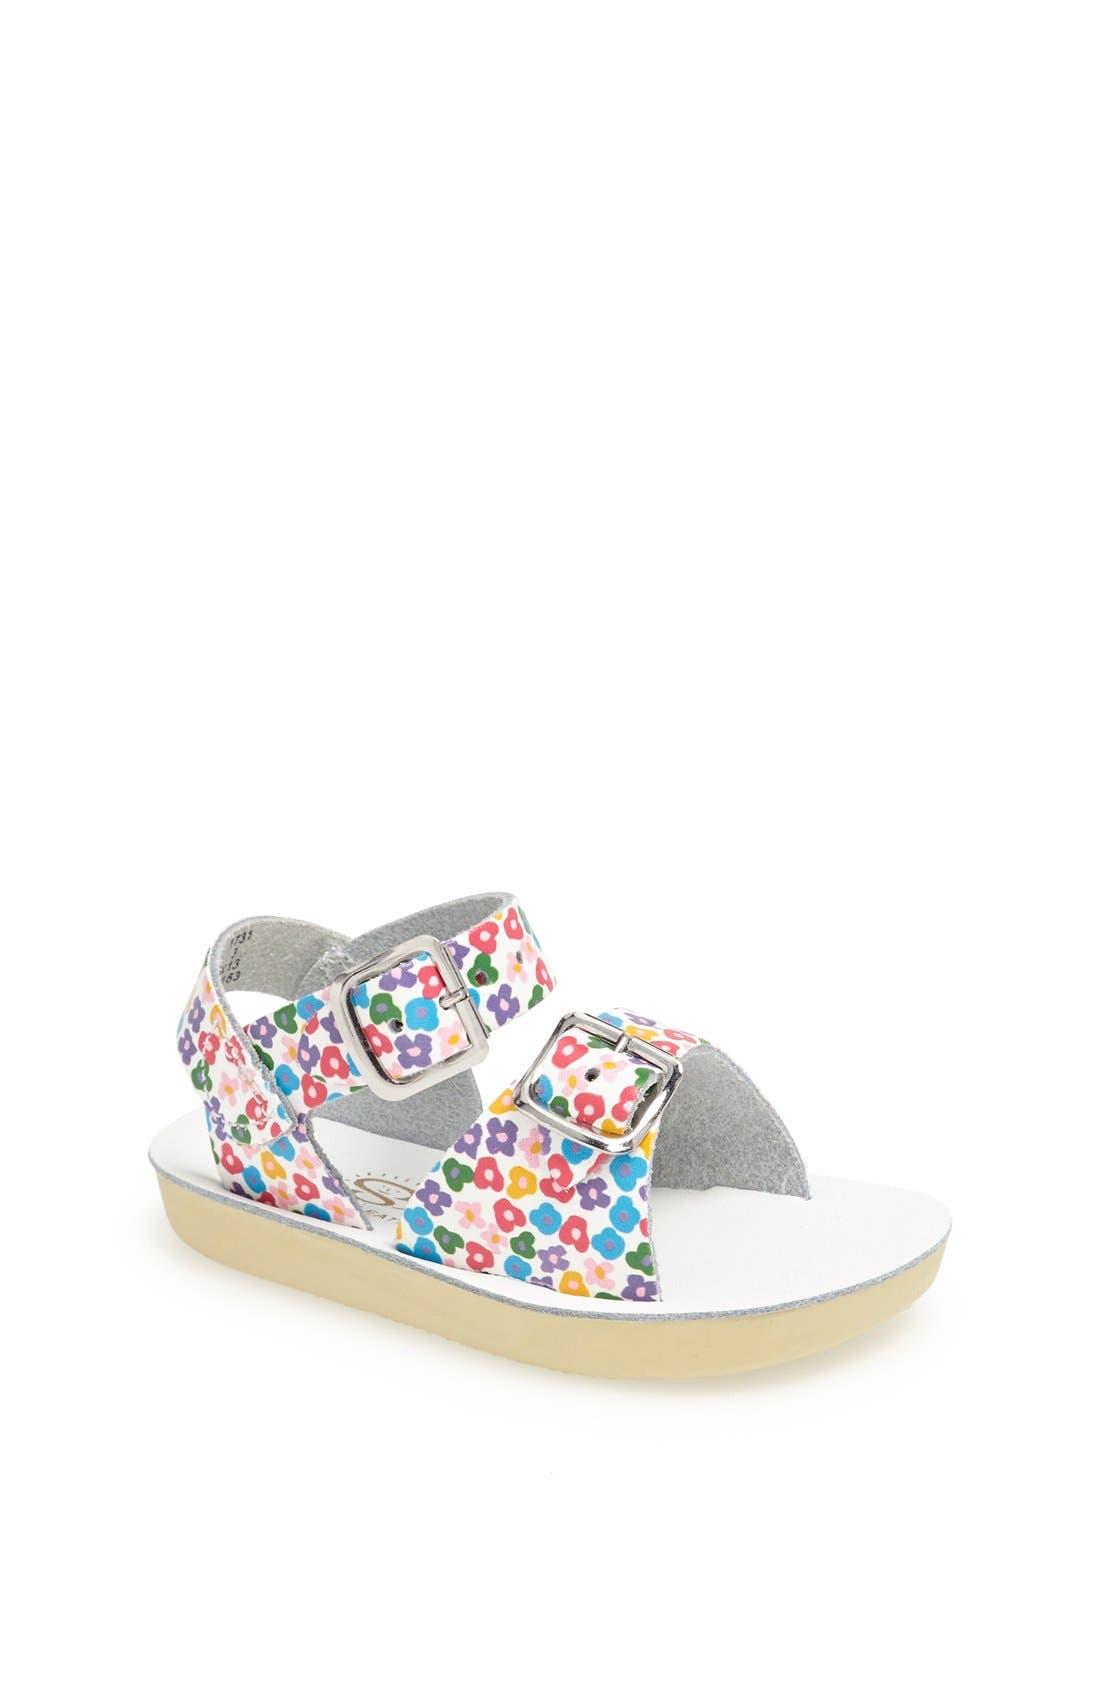 Hoy Shoe Salt-Water<sup>®</sup> Sandals 'Surfer' Sandal,                             Main thumbnail 1, color,                             100